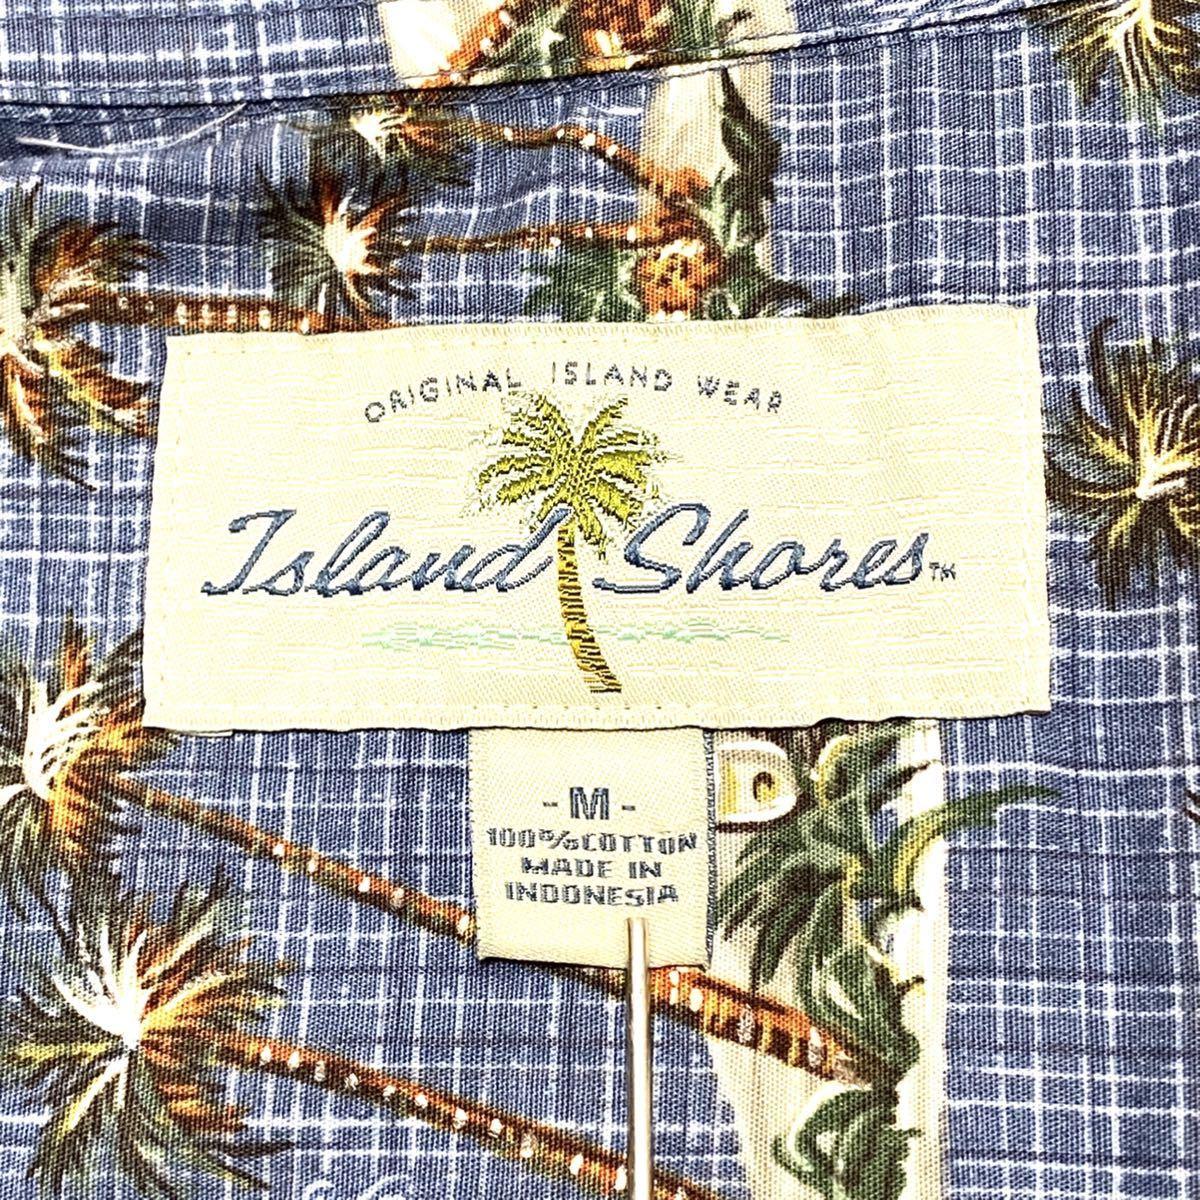 L相当 ISLAND アイスランド 半袖シャツ アロハシャツ 総柄 サーファー サーフボード アメリカ古着 メンズ 即決 ハワイアン